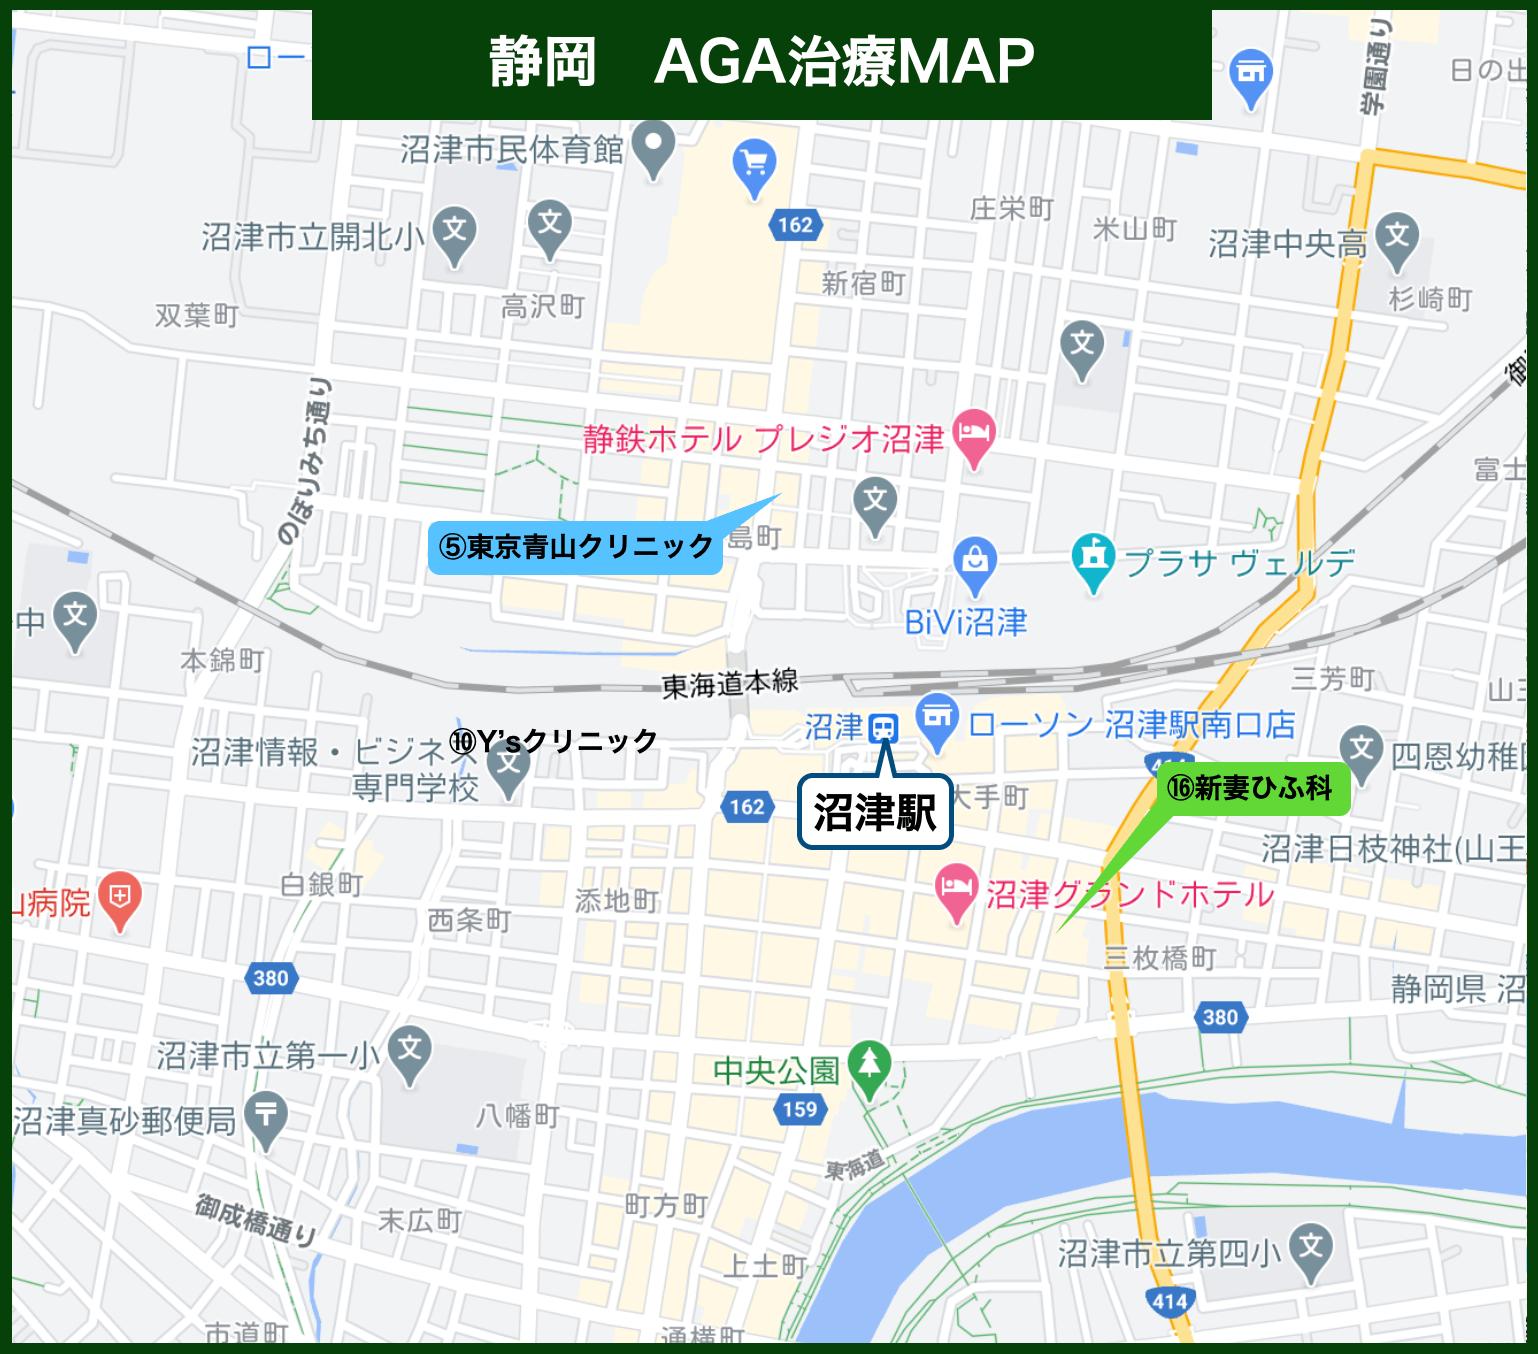 静岡AGA治療マップ